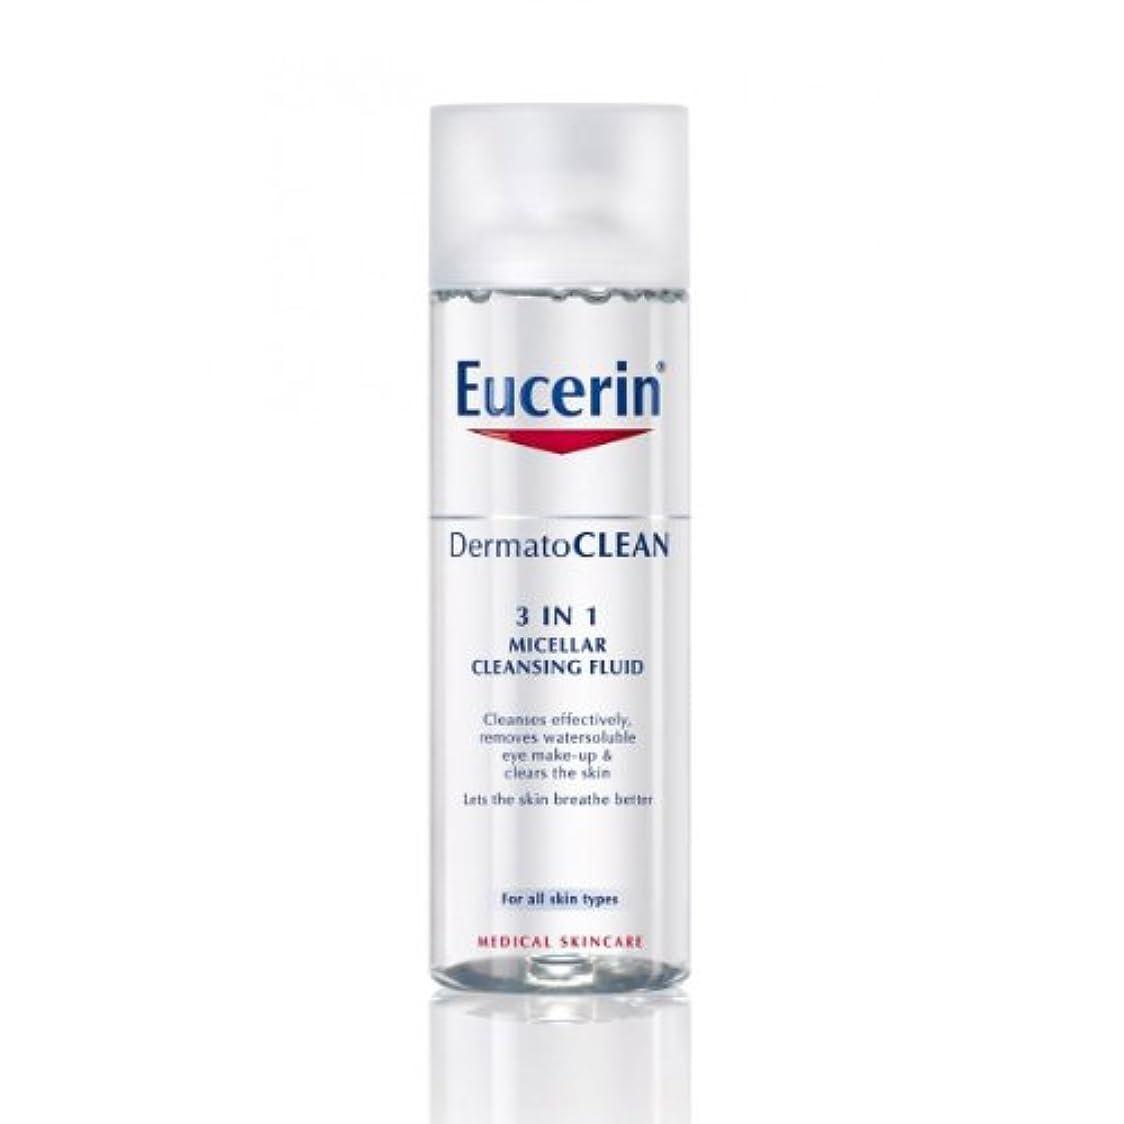 昼間終わらせる監督するEucerin Dermatoclean 3in1 Micellar Cleansing Fluid 200ml [並行輸入品]